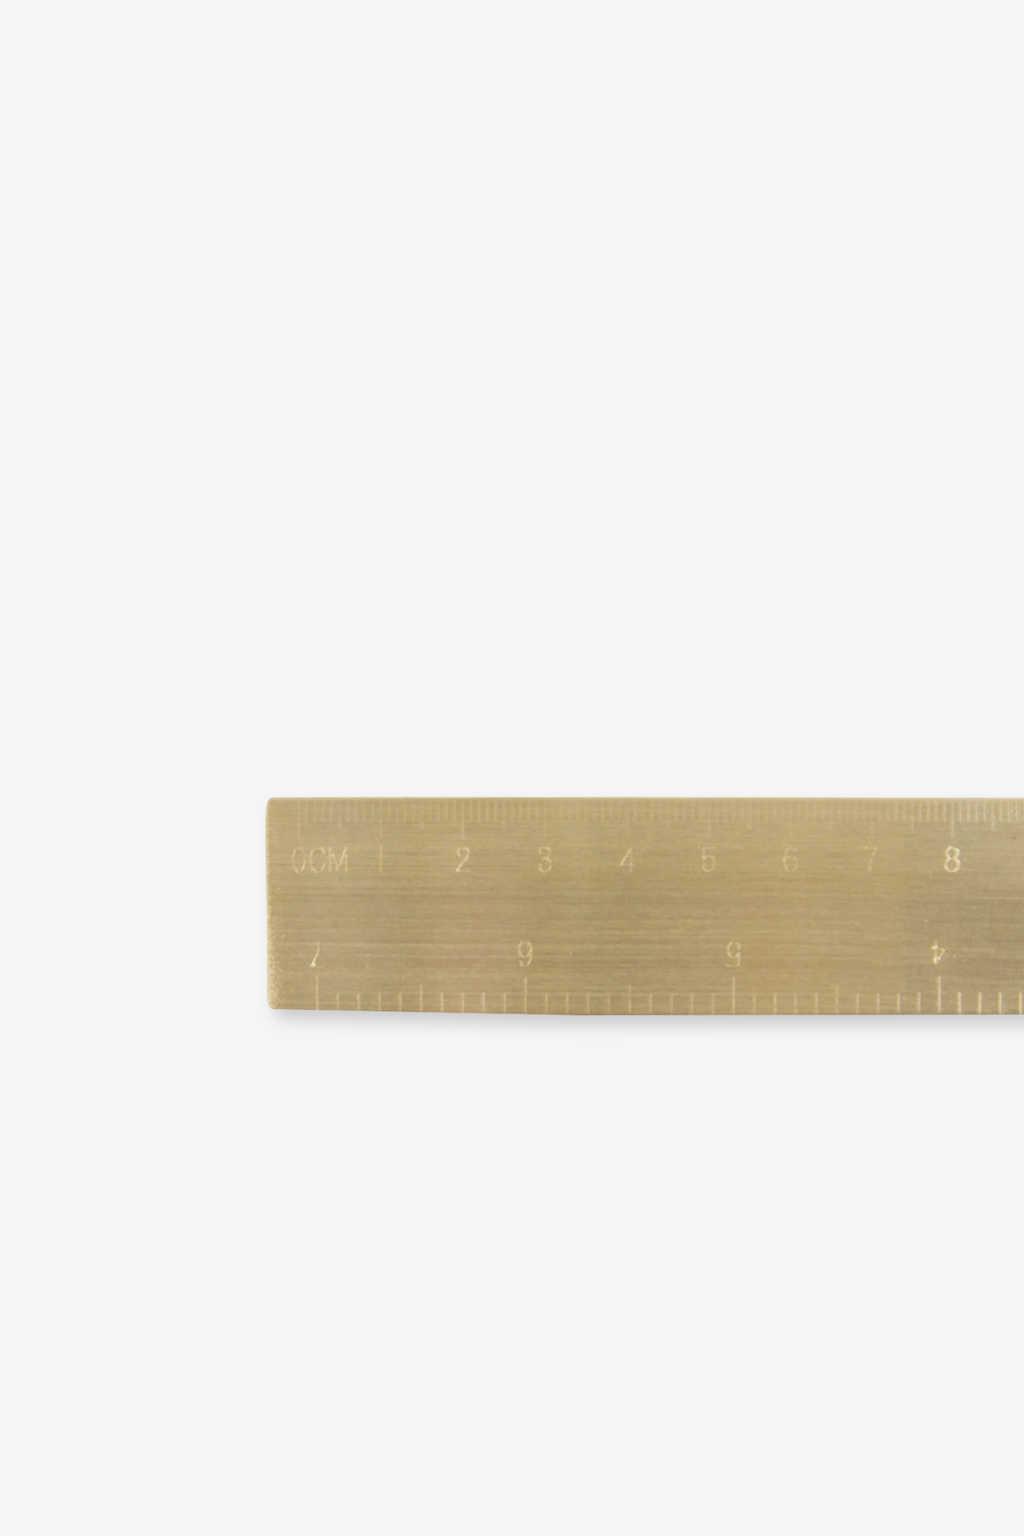 Ruler 2380 Brass 3